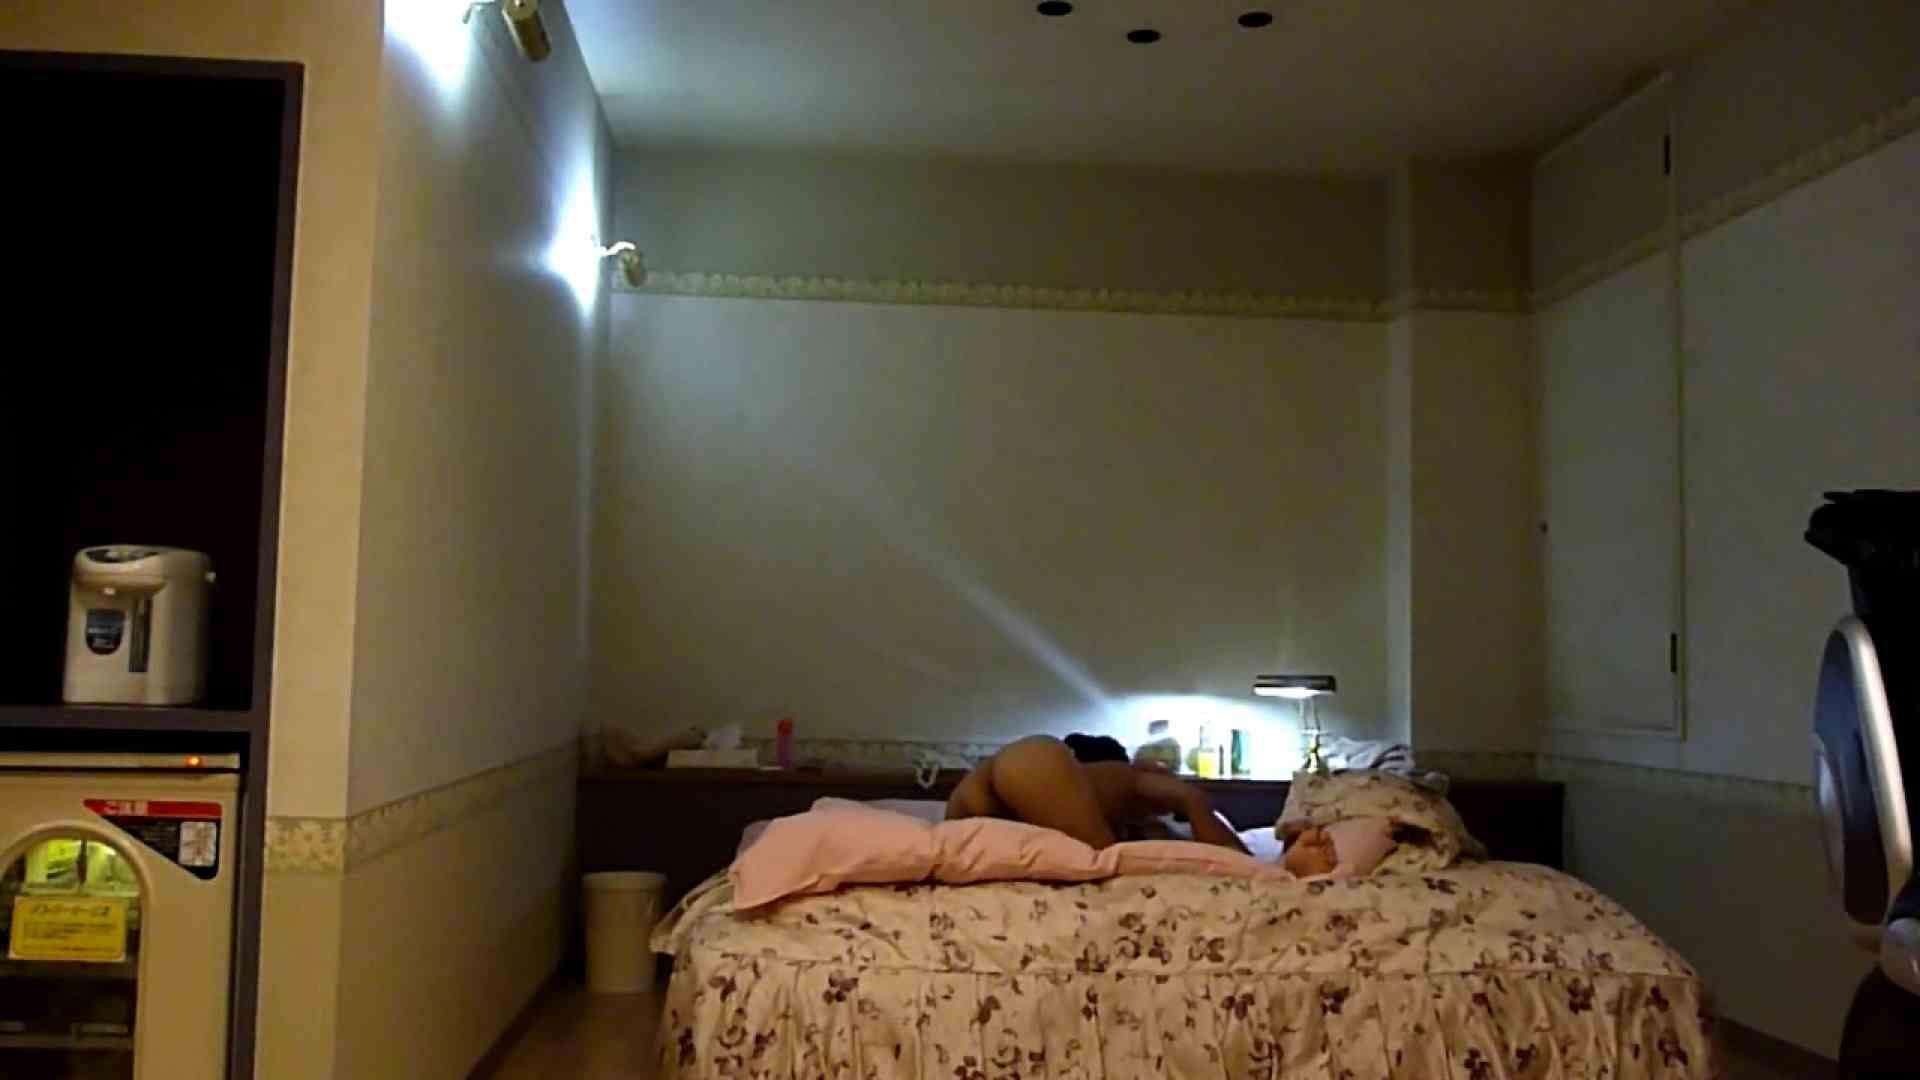 【完全素人投稿】誰にしようか!?やりチン健太の本日もデリ嬢いただきま~す!!12 投稿 | 隠撮  84画像 51